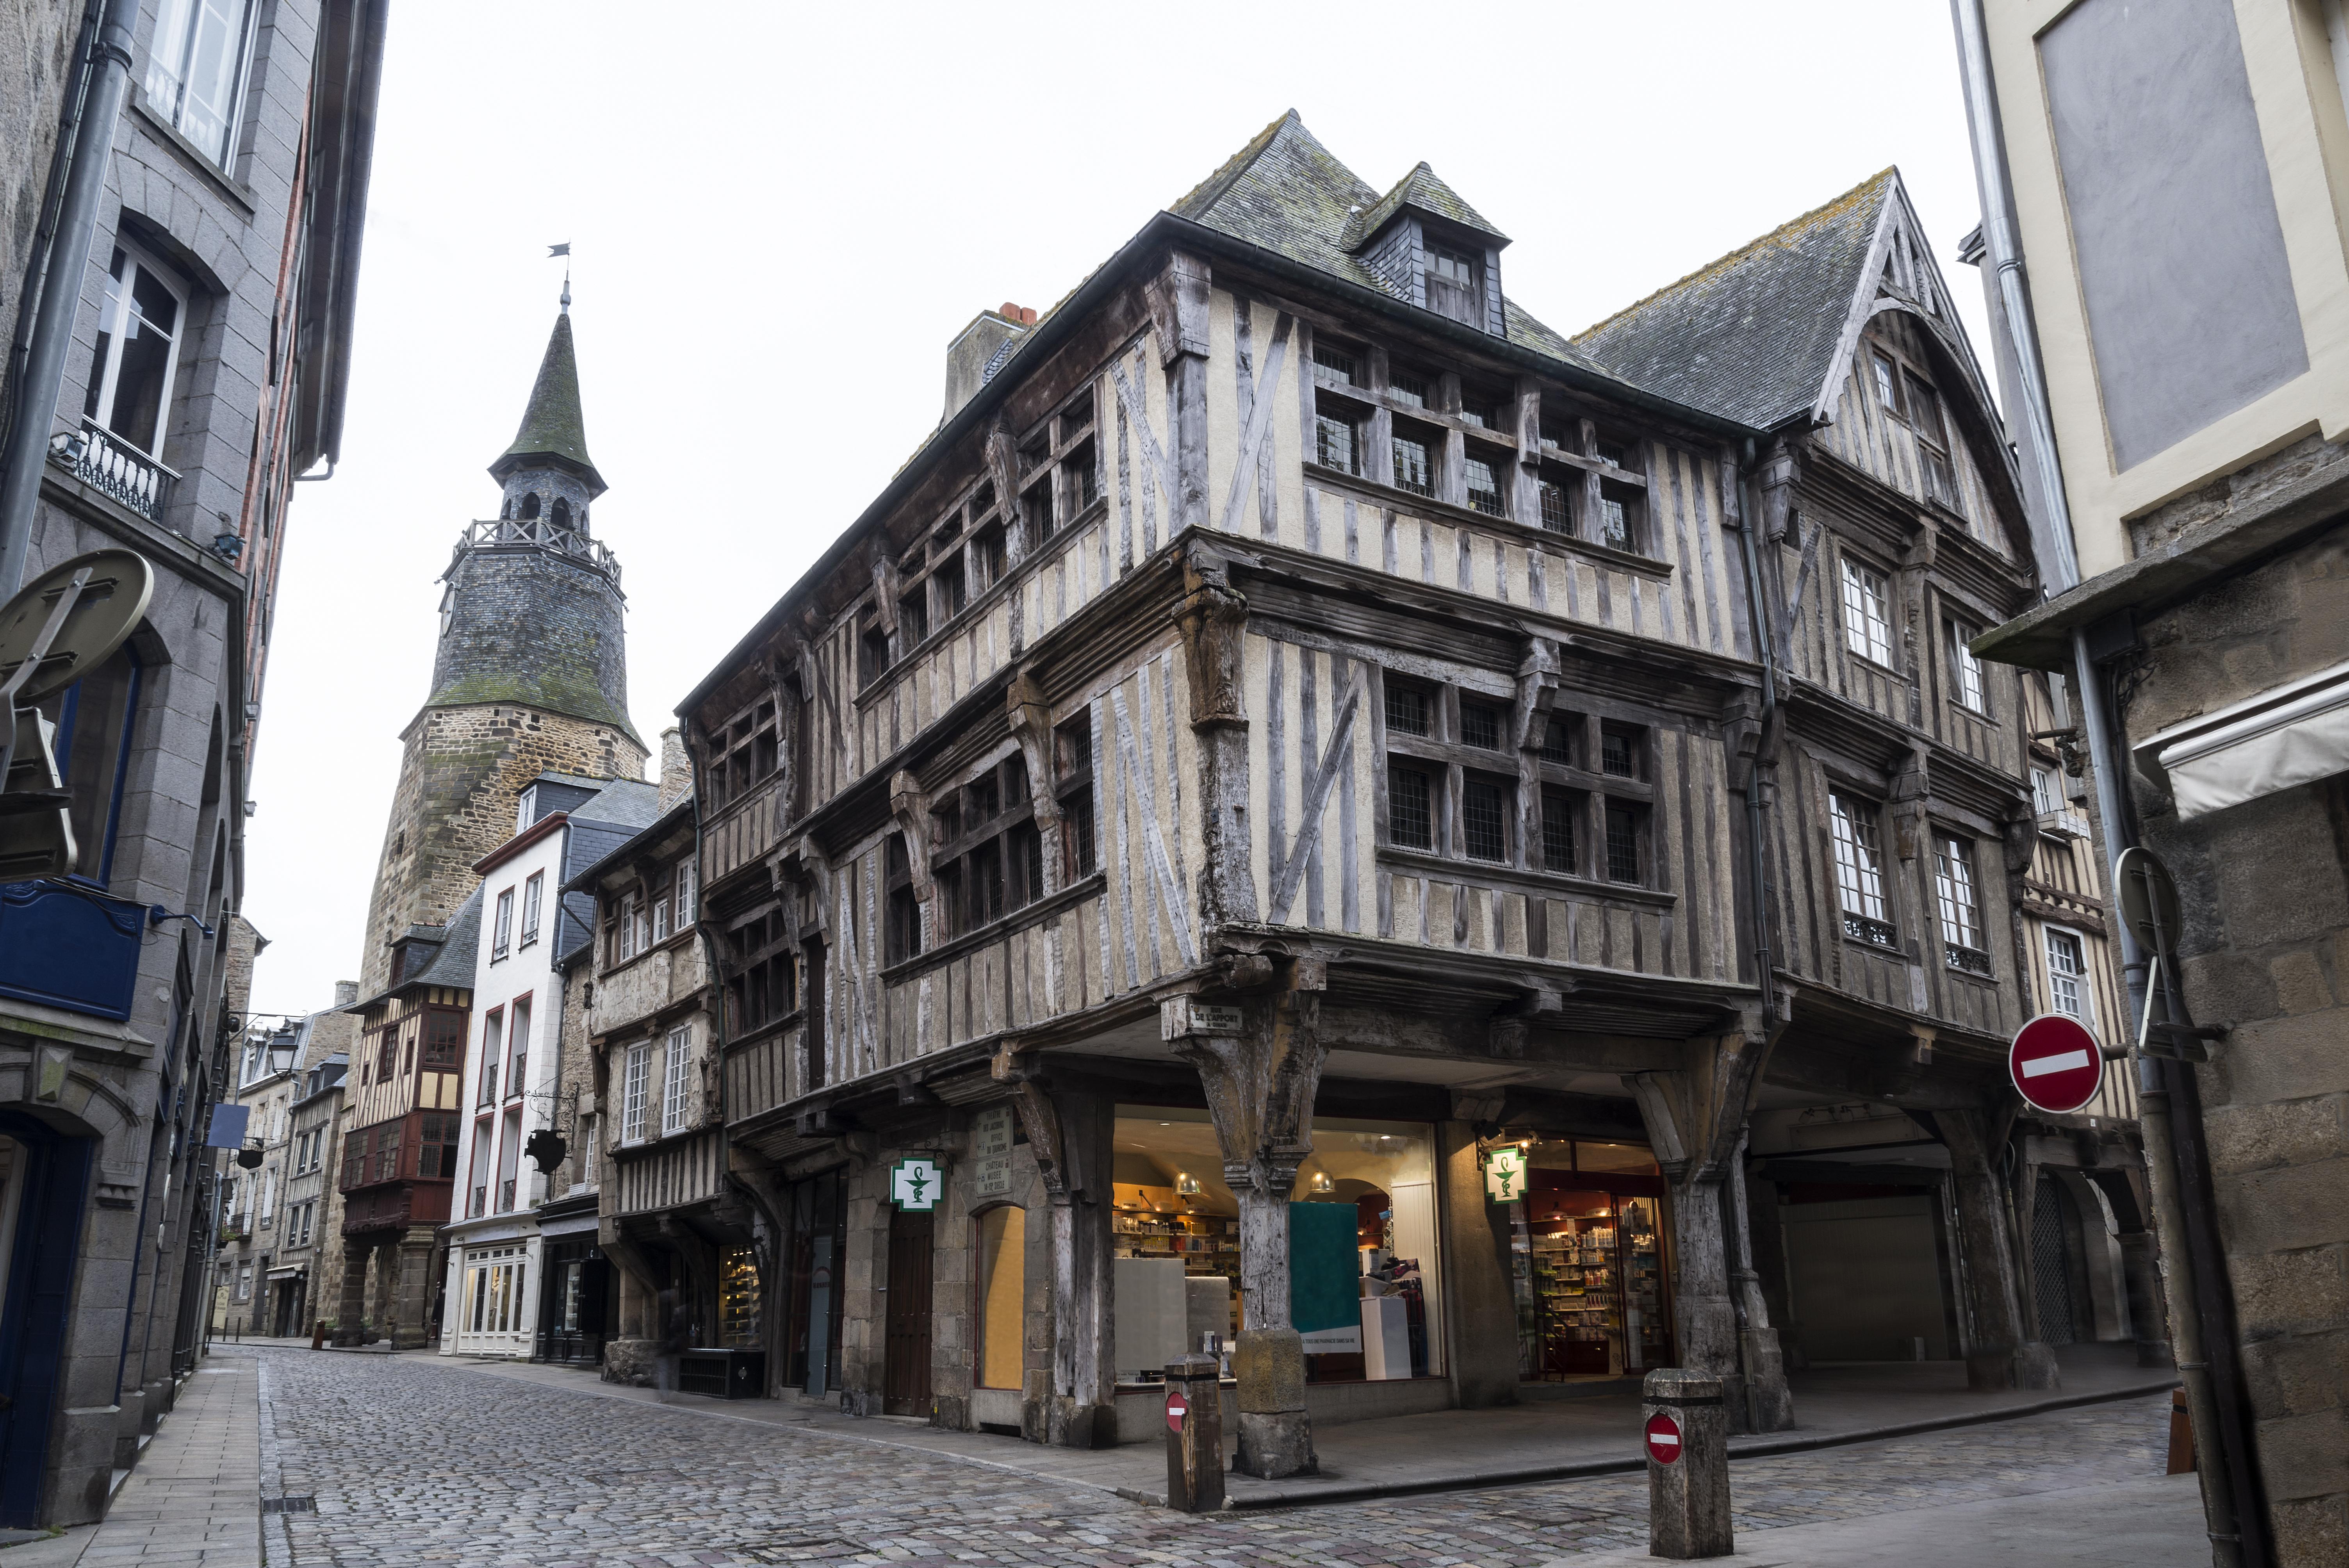 Bretaña, una de las culturas más ricas de Europa - Francia Circuito Gran Tour de Normandía y Bretaña